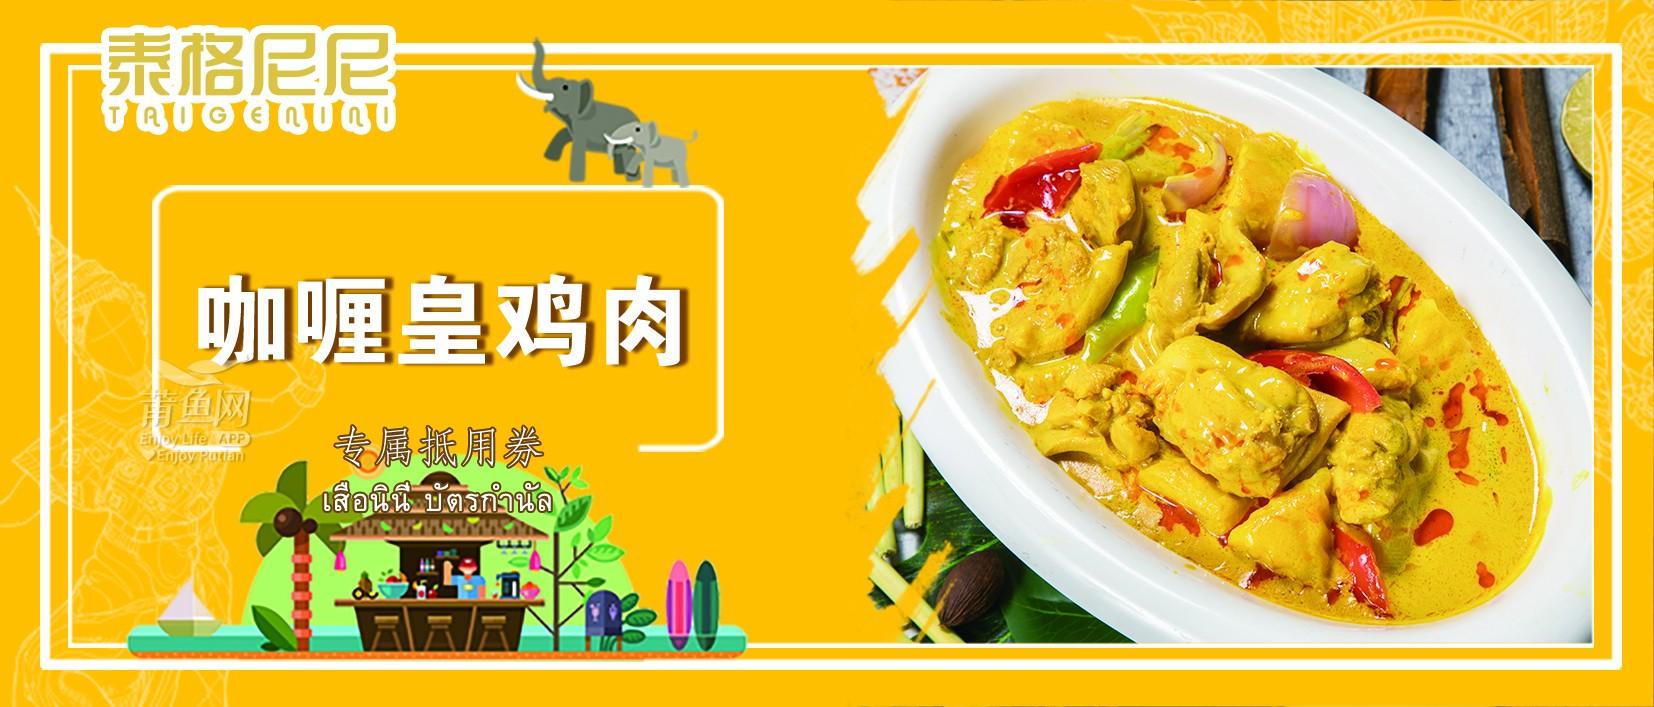 咖喱皇鸡肉免费吃!新店开业5折解锁正宗泰国菜!